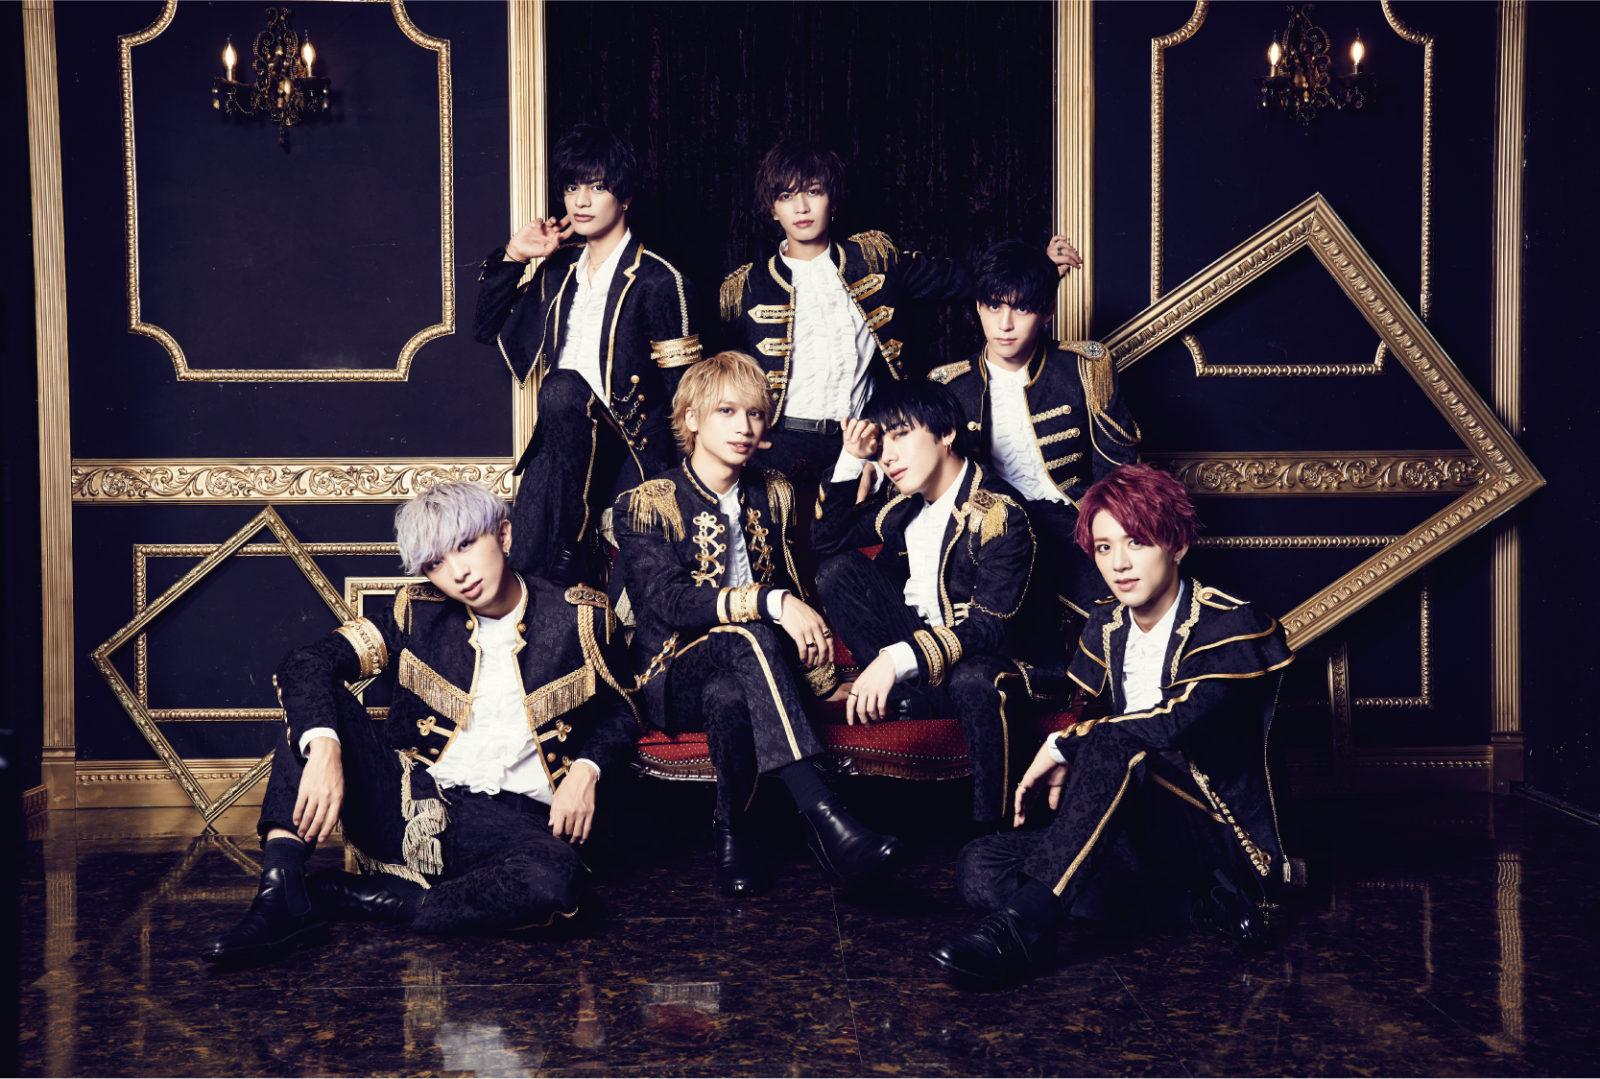 BUZZ-ER.が待望のメジャー・デビューシングル「サクラエビデンス」のリリース日を発表サムネイル画像